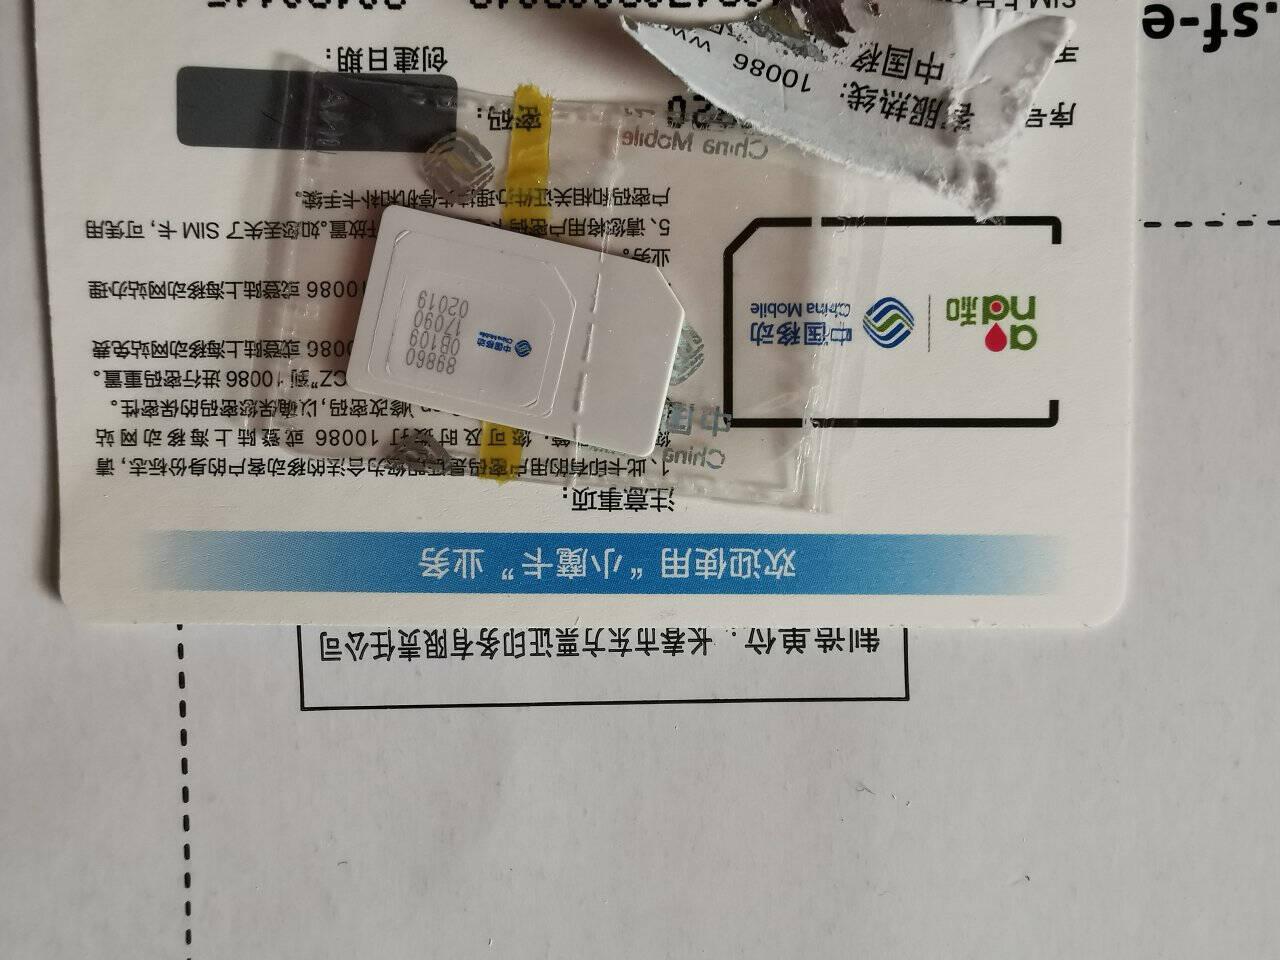 中国移动手机号码卡靓号选号3连号4连号手机卡全国联通电信豹子号风水号电话卡广州深圳上海5g卡号好号2000